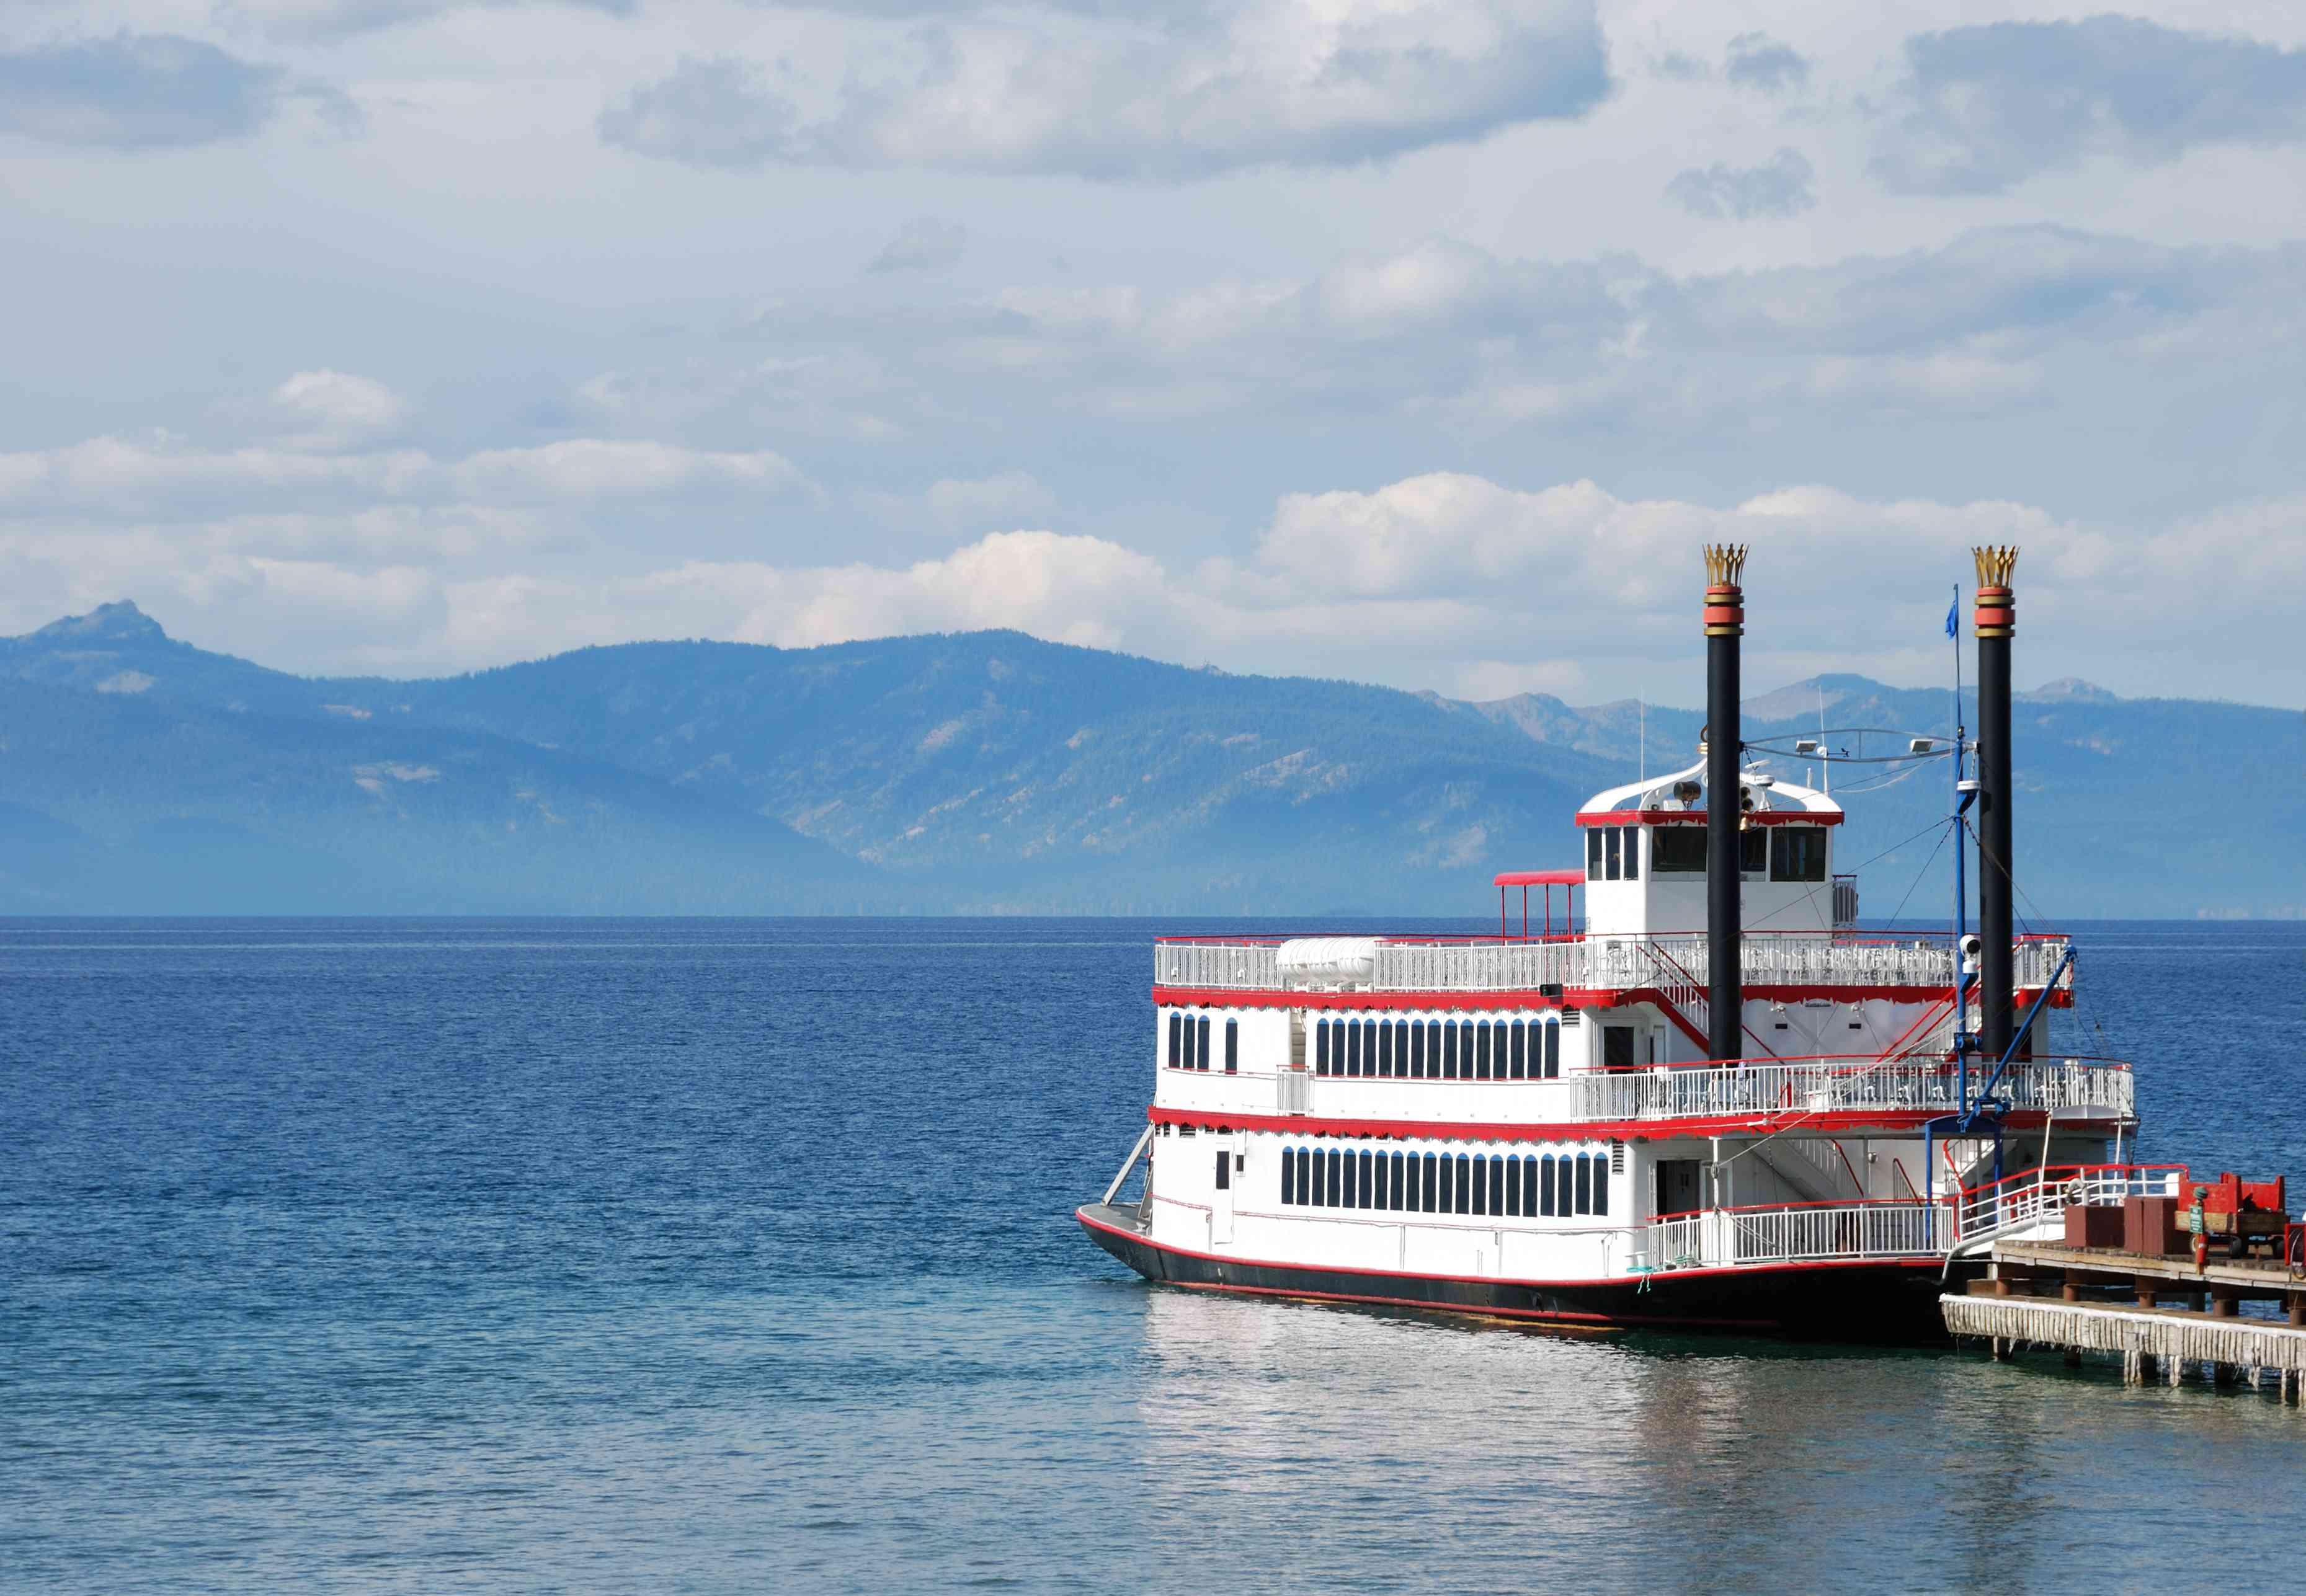 Tour boat on Lake Tahoe